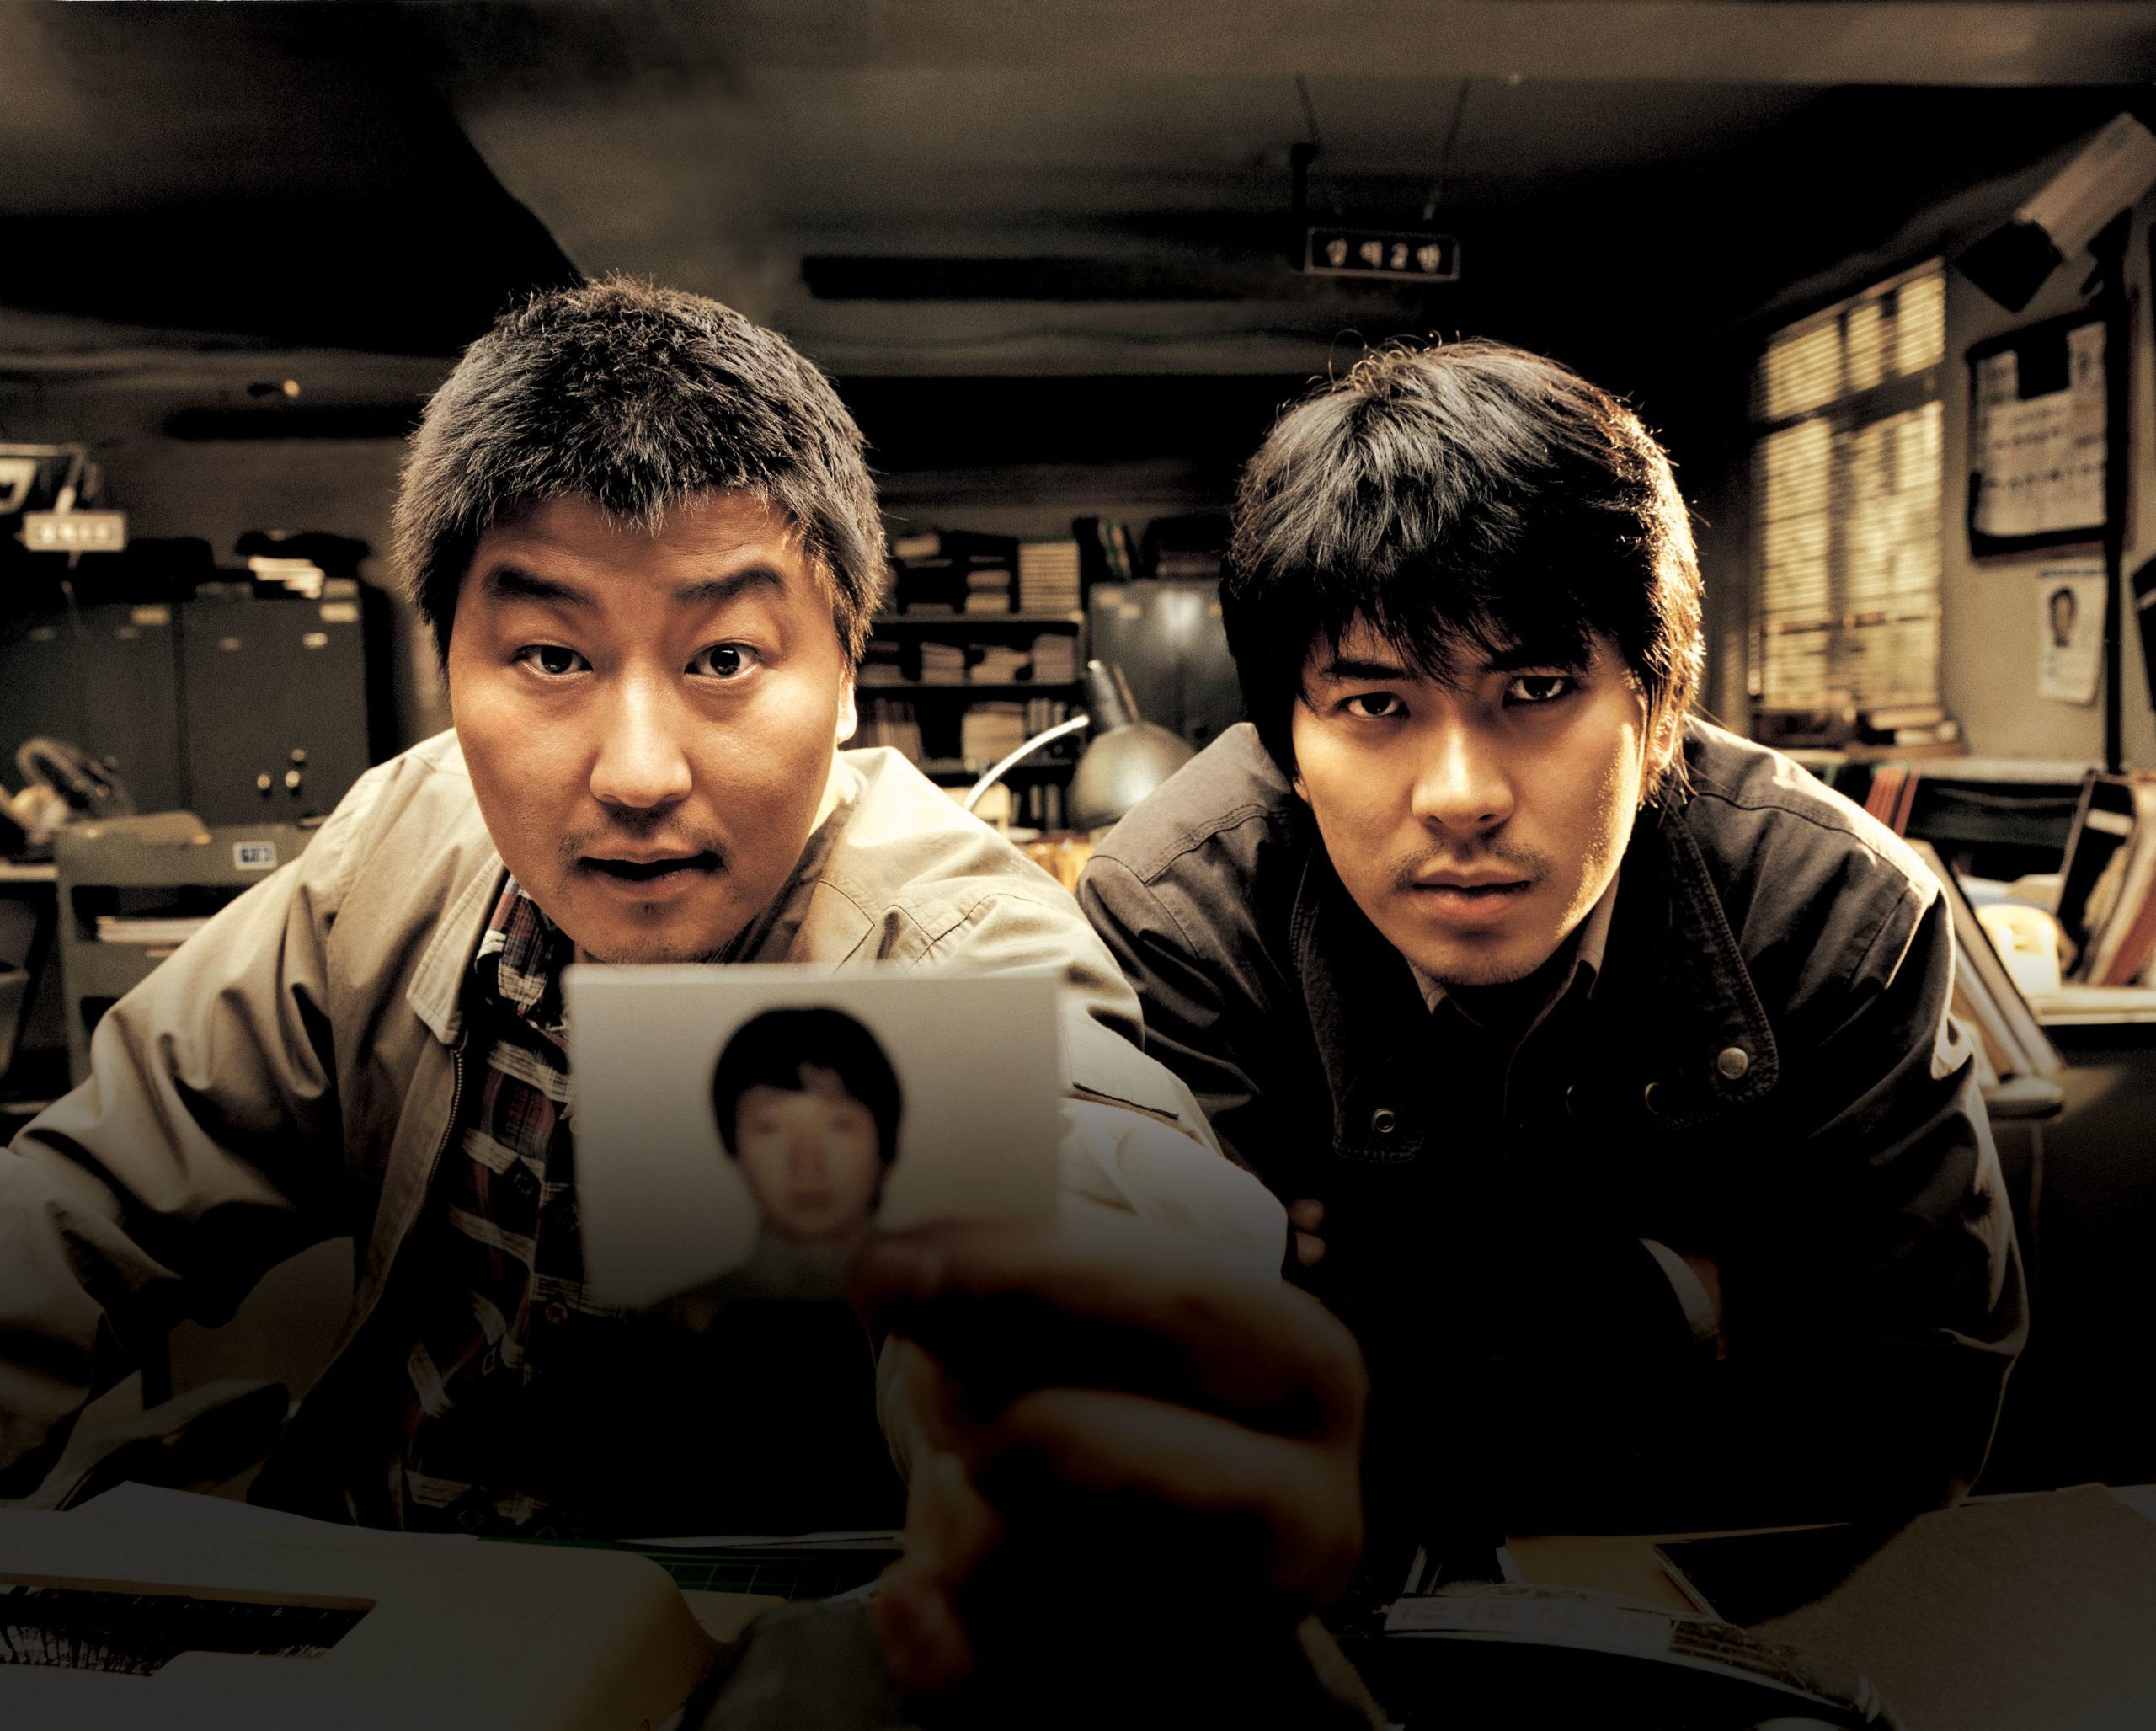 Memorie di un assassino – Memories of Murder di Bong Joon Ho: la storia di un enigma oscuro e senza fine…